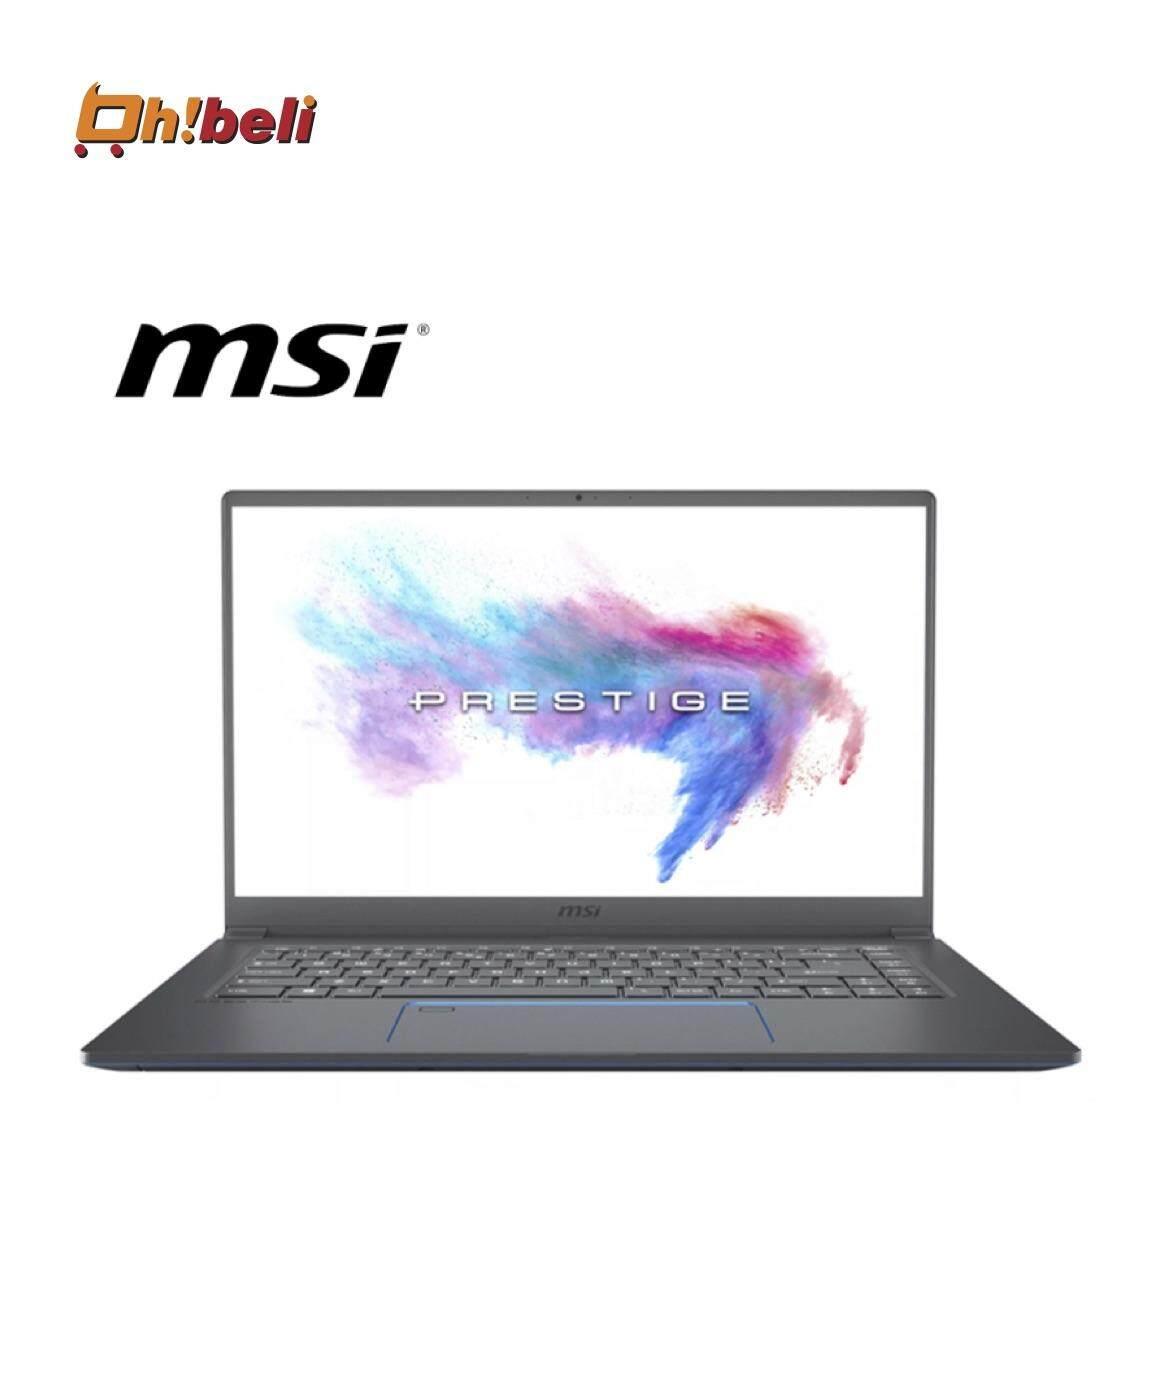 MSI Modern PS63 8SC-043 15.6 FHD IPS Laptop (I7-8565U, 16GB, 1TB SSD, GTX 1650 4GB Max-Q, W10) (ohbeli) Malaysia